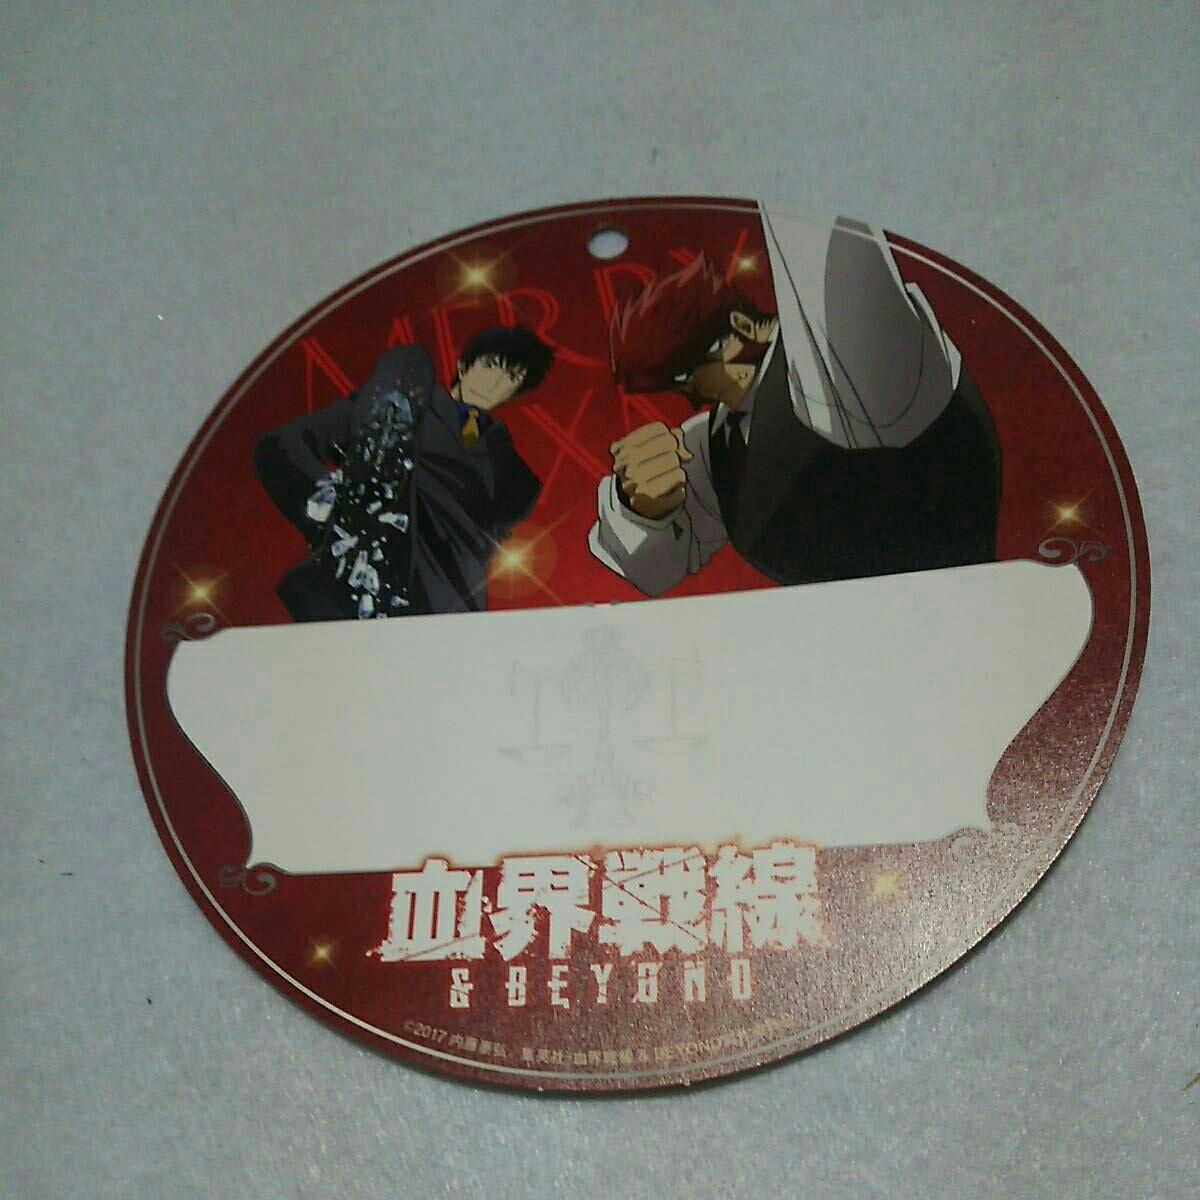 血界戦線 短冊 クリスマスカード スティーブン クラウス JF2019 ジャンプフェスタ 非売品 未使用_画像1